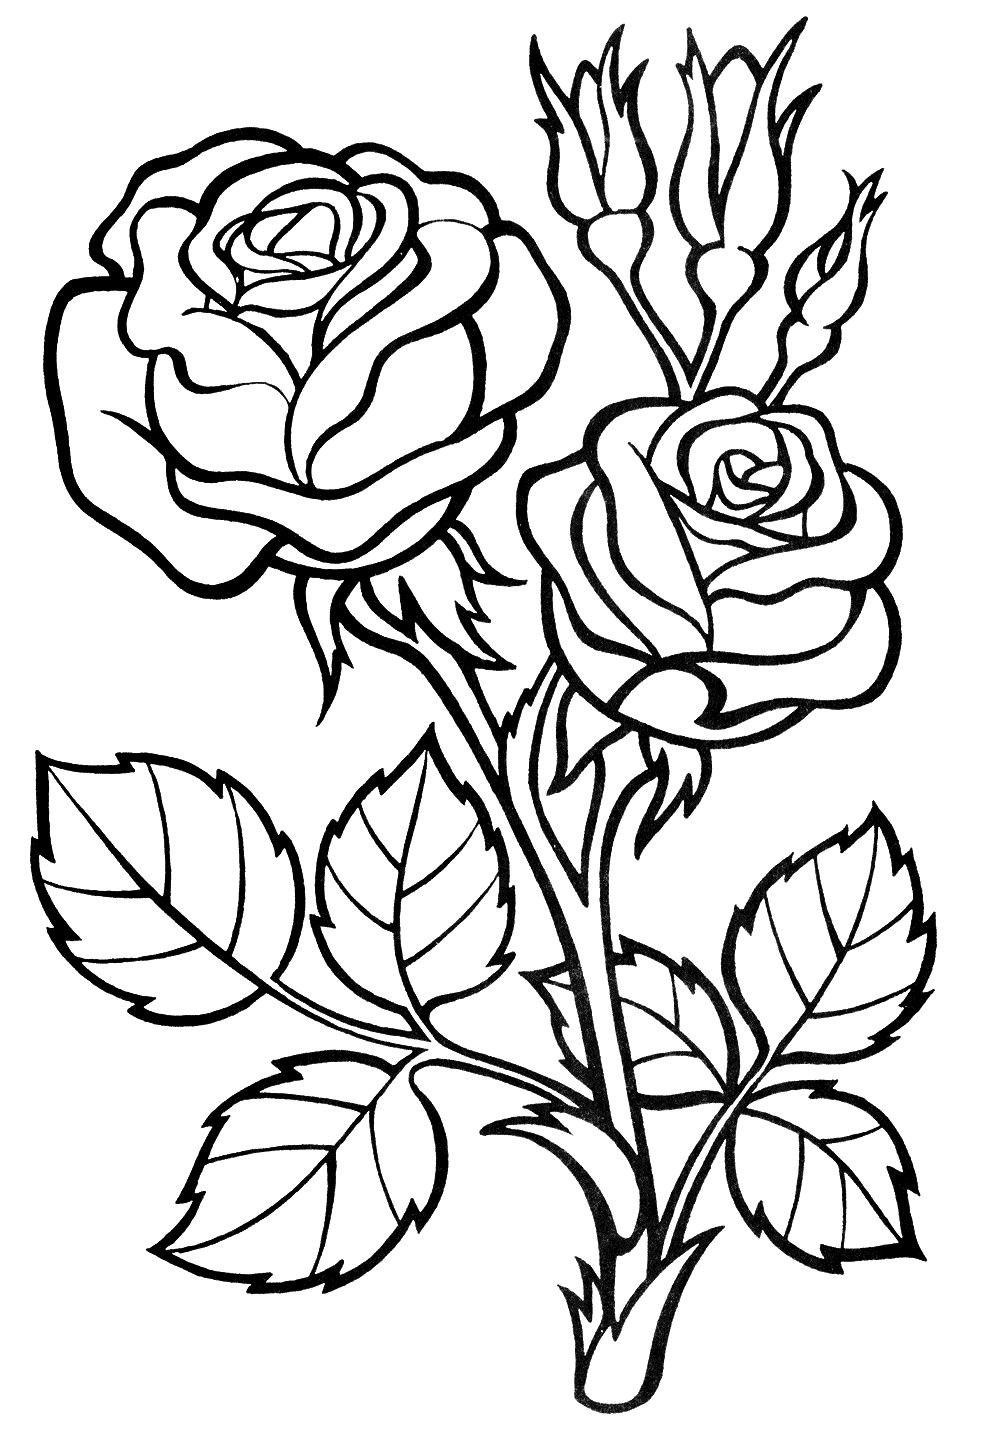 Pin Van Lieke Xx0255 Op Trieste Tekeningen Bloemen Kleurplaten Bloem Kleurplaten Bloemen Tekenen